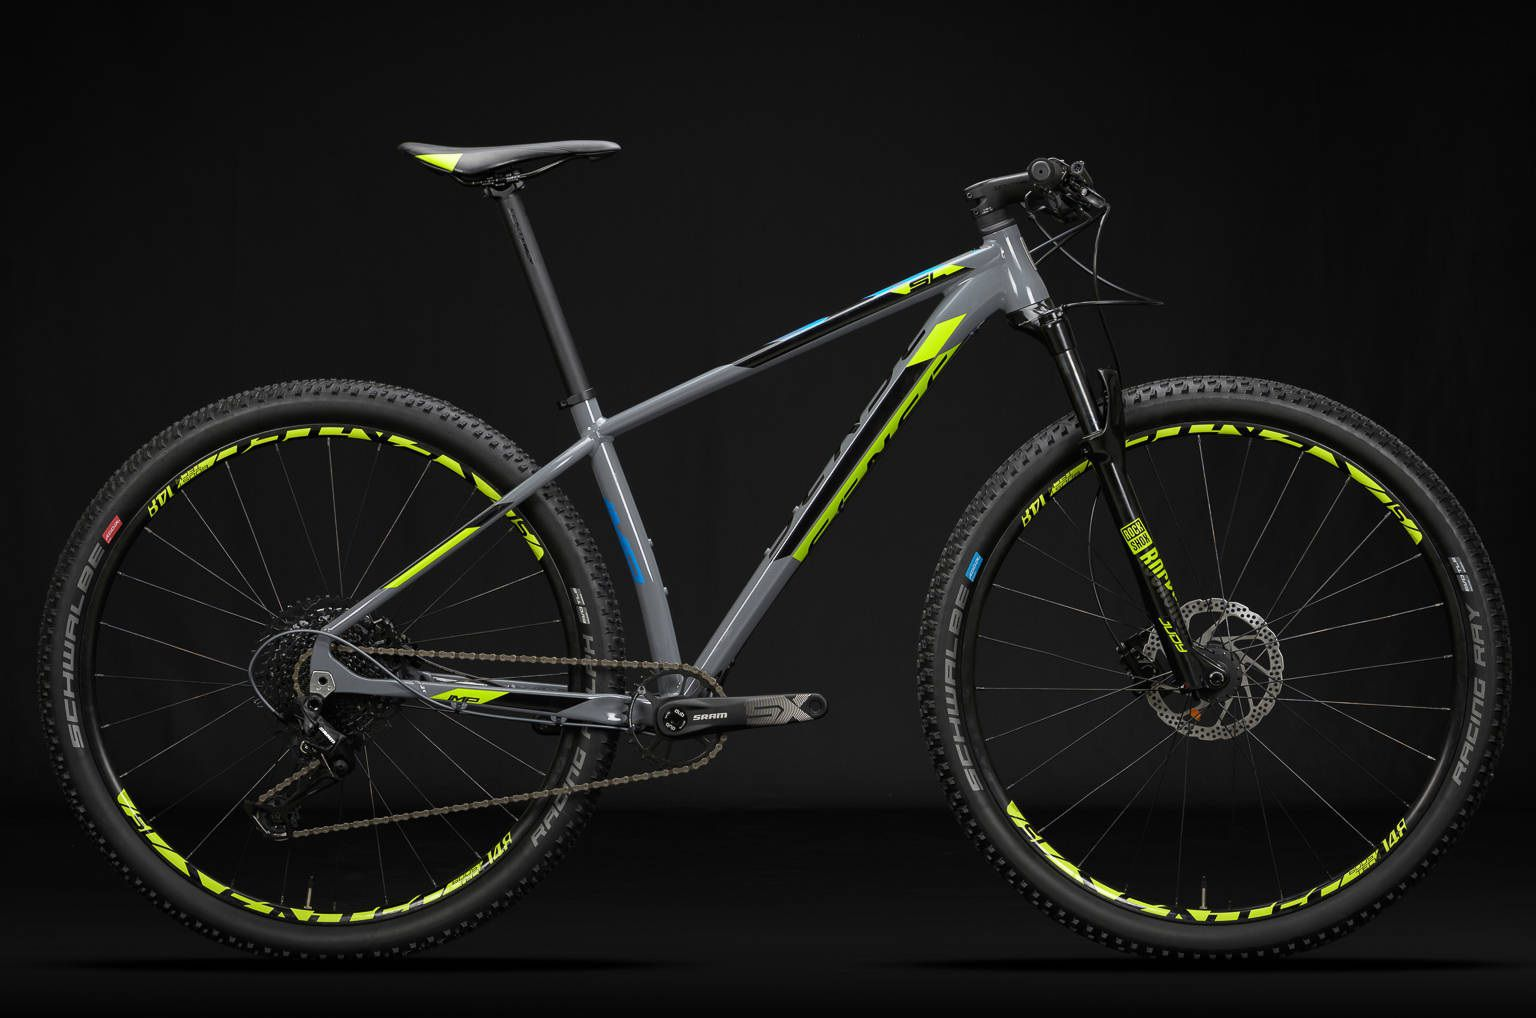 Bicicleta Sense - Impact SL - 2020 - Cinza